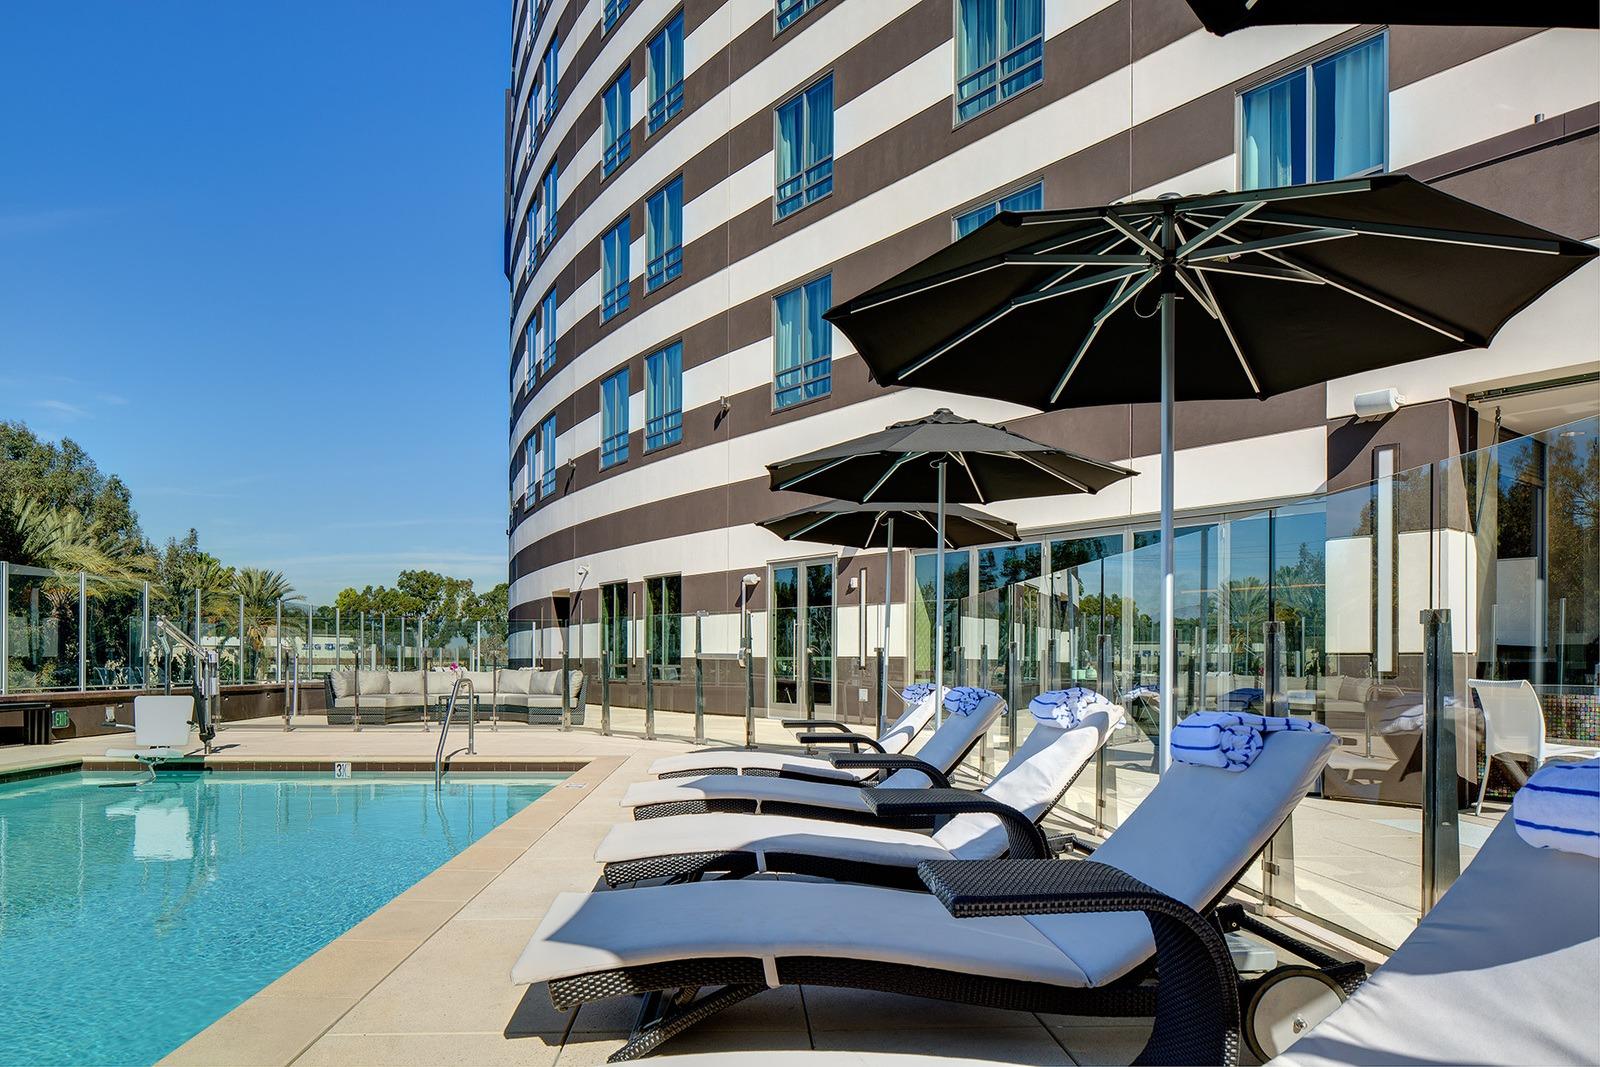 pool_lounge_chairs